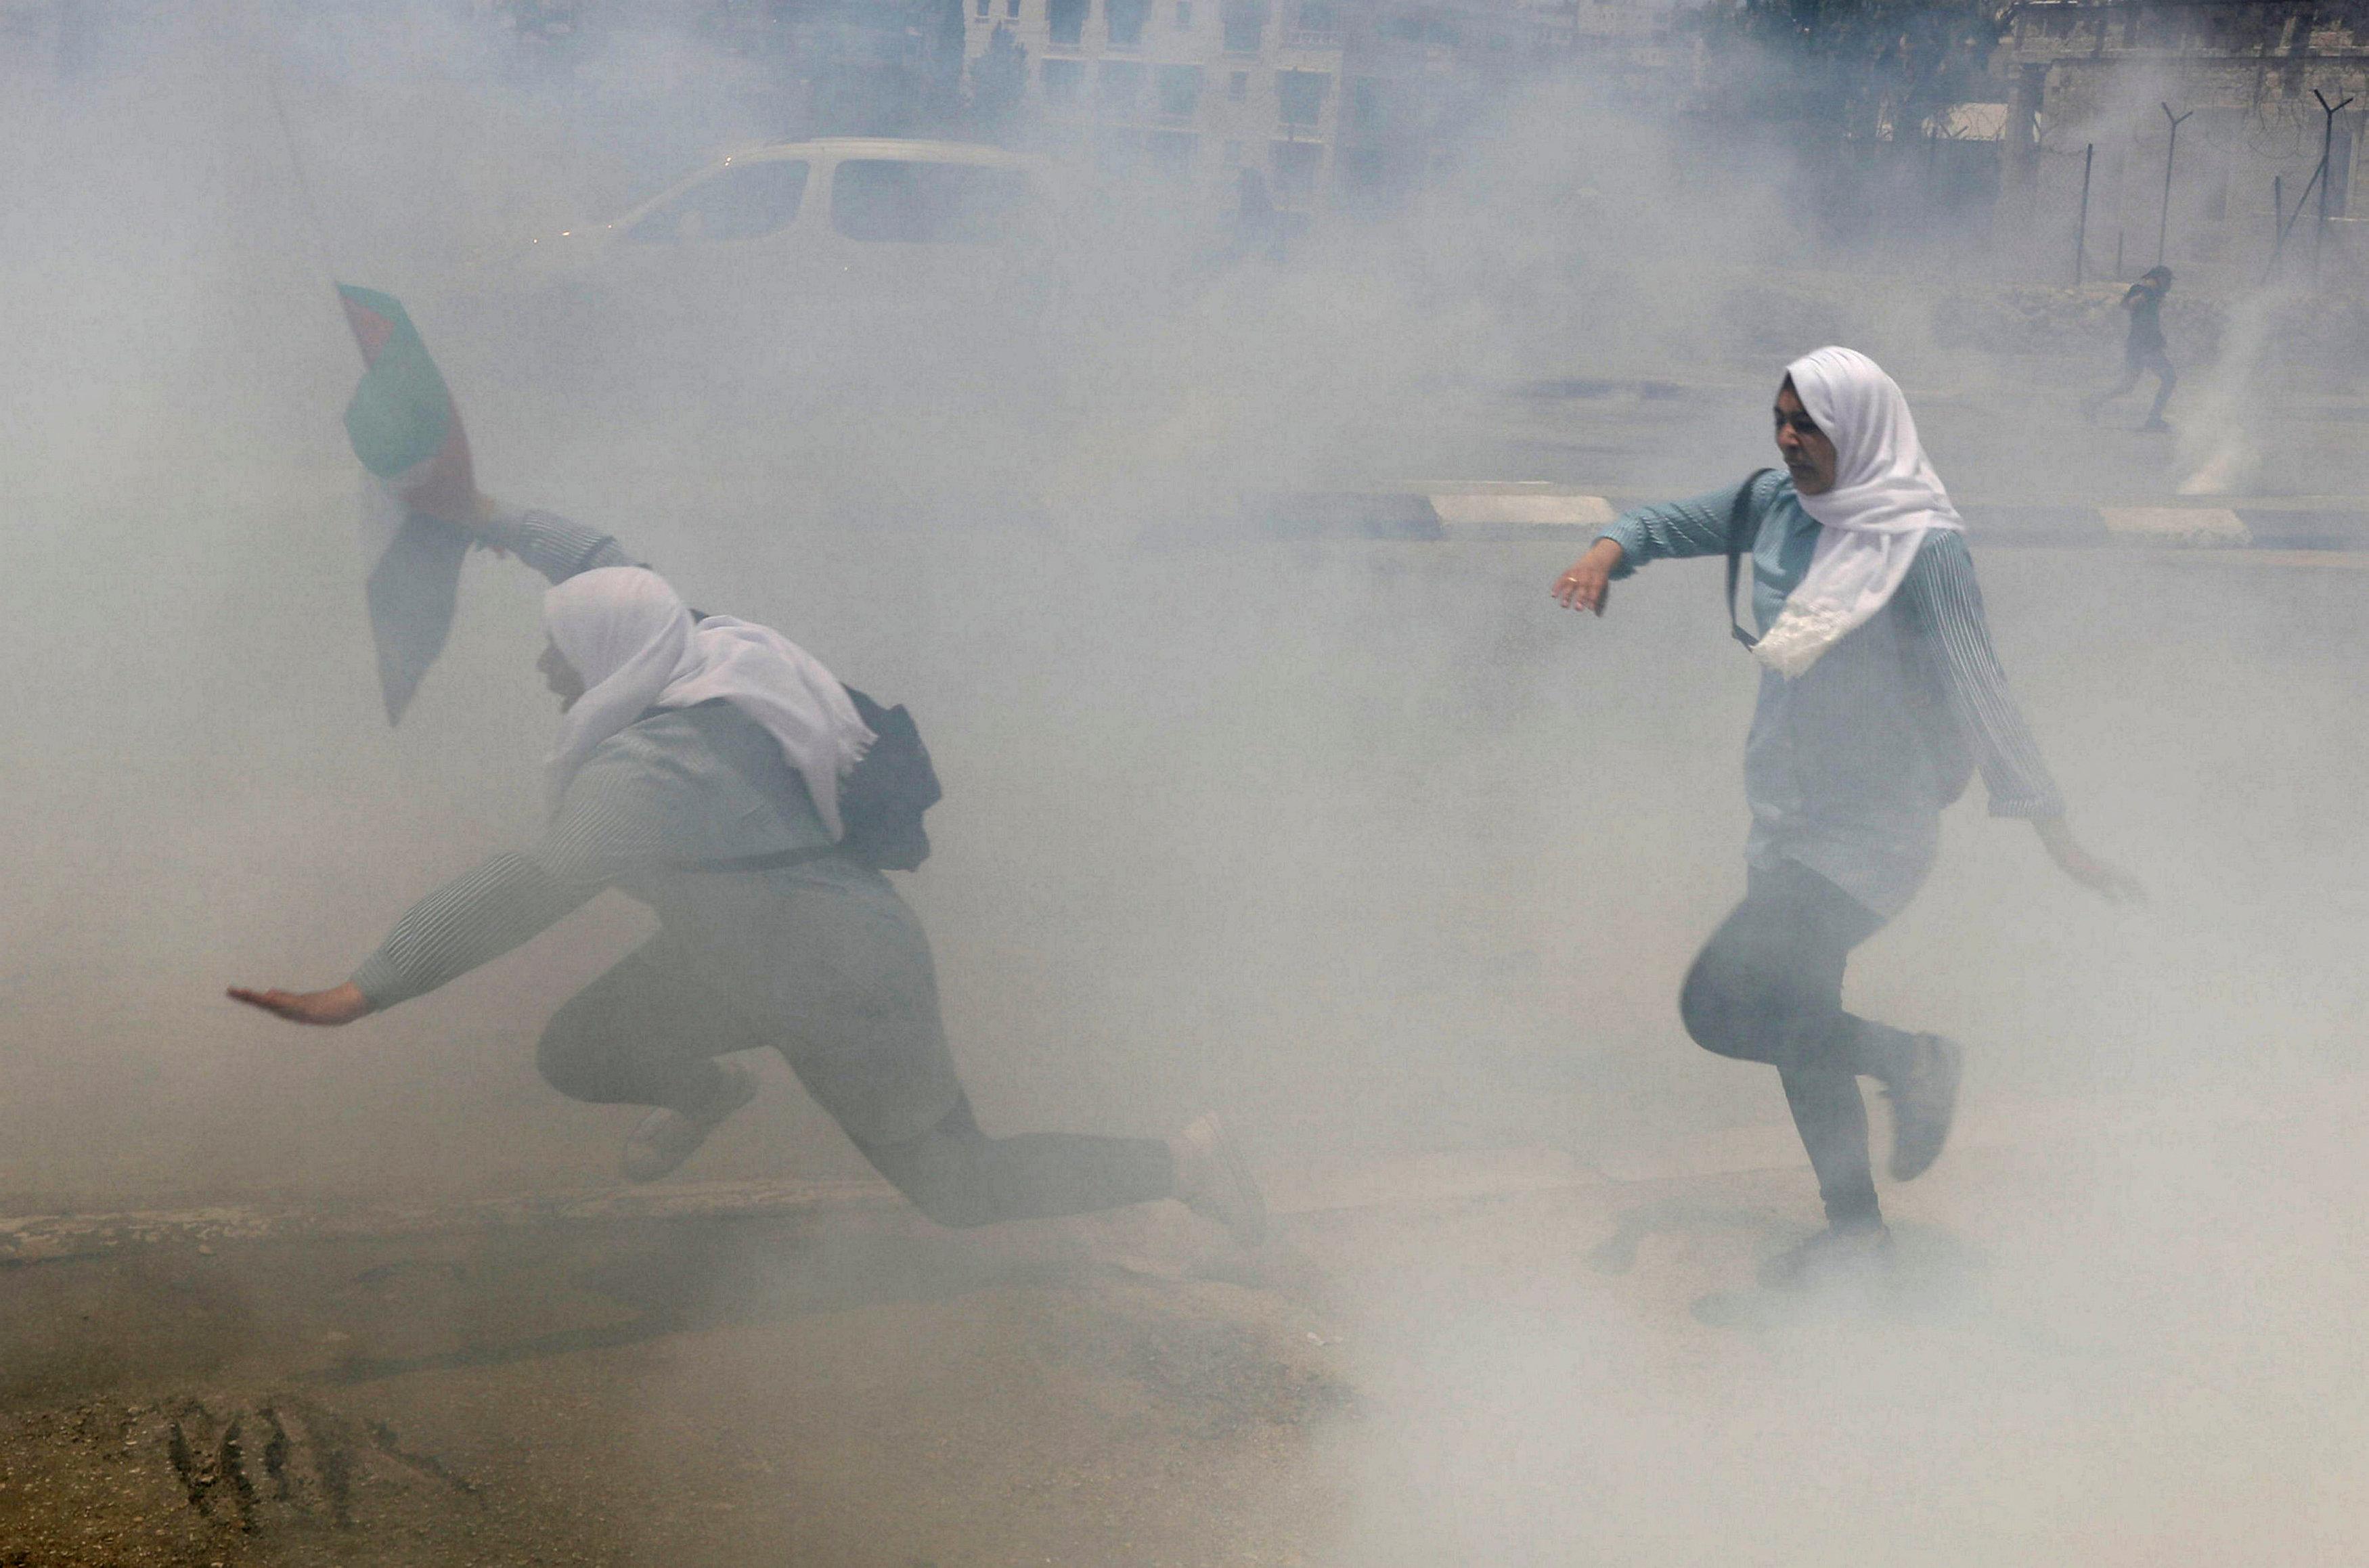 طالبات فلسطينيات يهربن من دخان الغاز المسيل للدموع